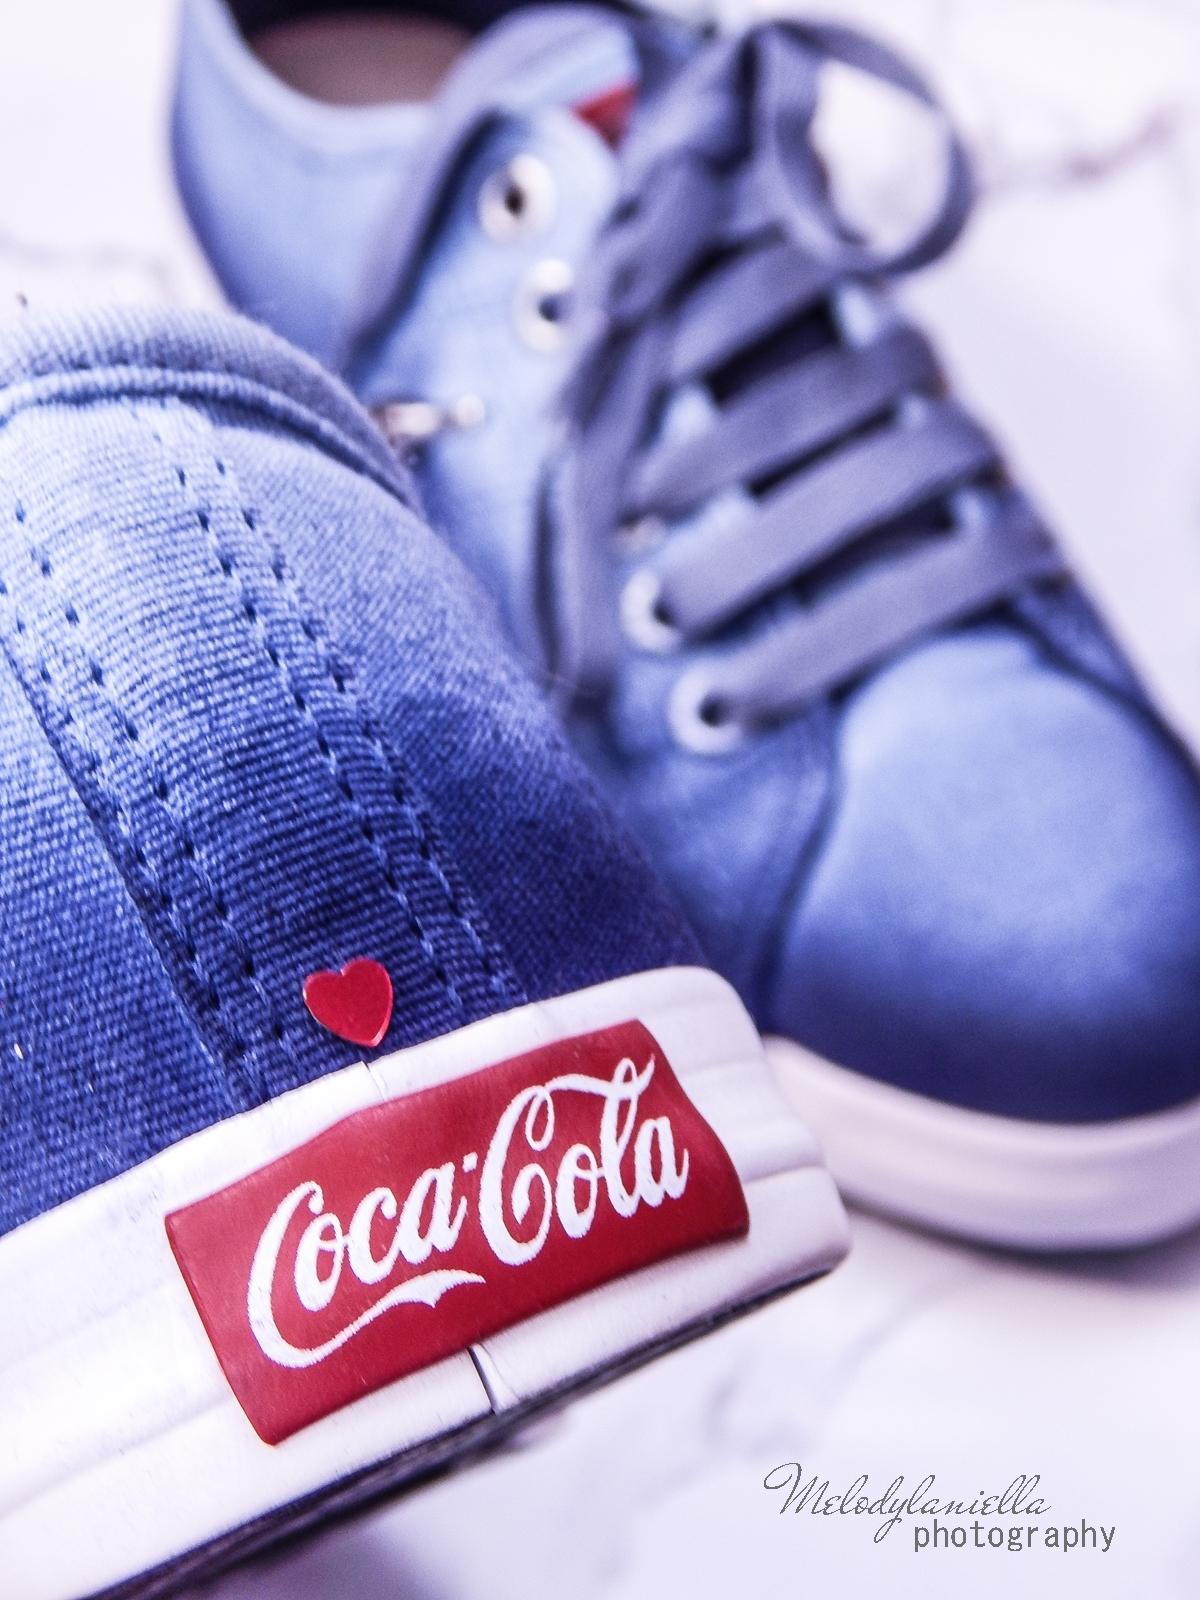 17 buty łuków baleriny tenisówki mokasyny sandały z ponopnami trzy modele butów modnych na lato melodylaniella recenzje buty coca-cola szare półbuty z kokardą buty na wesele buty do sukienki moda